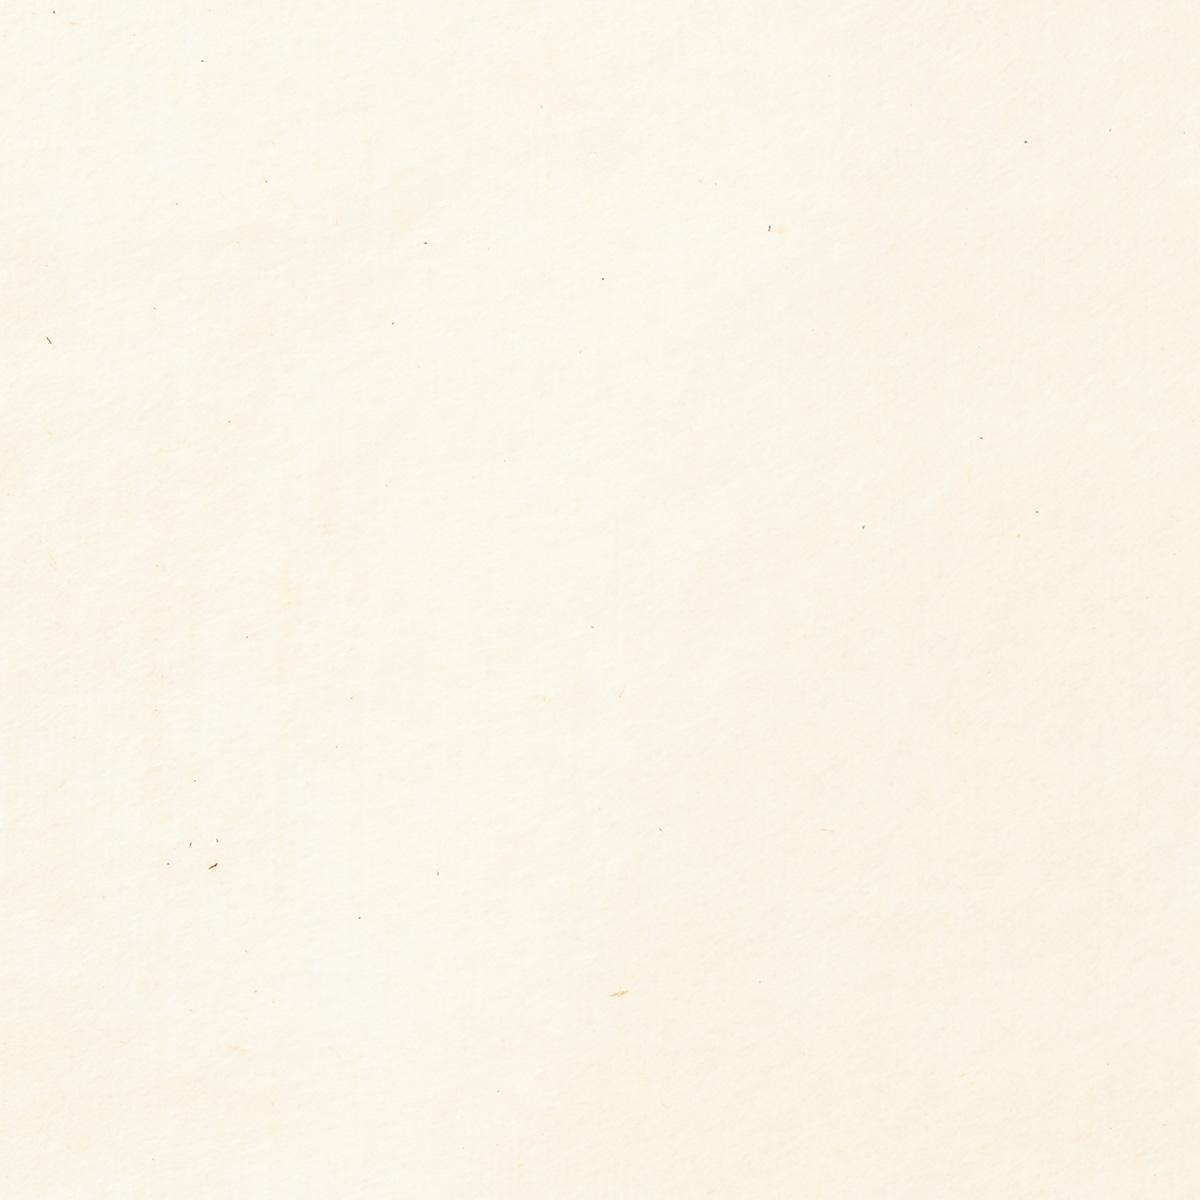 横野 半紙用紙 厚口